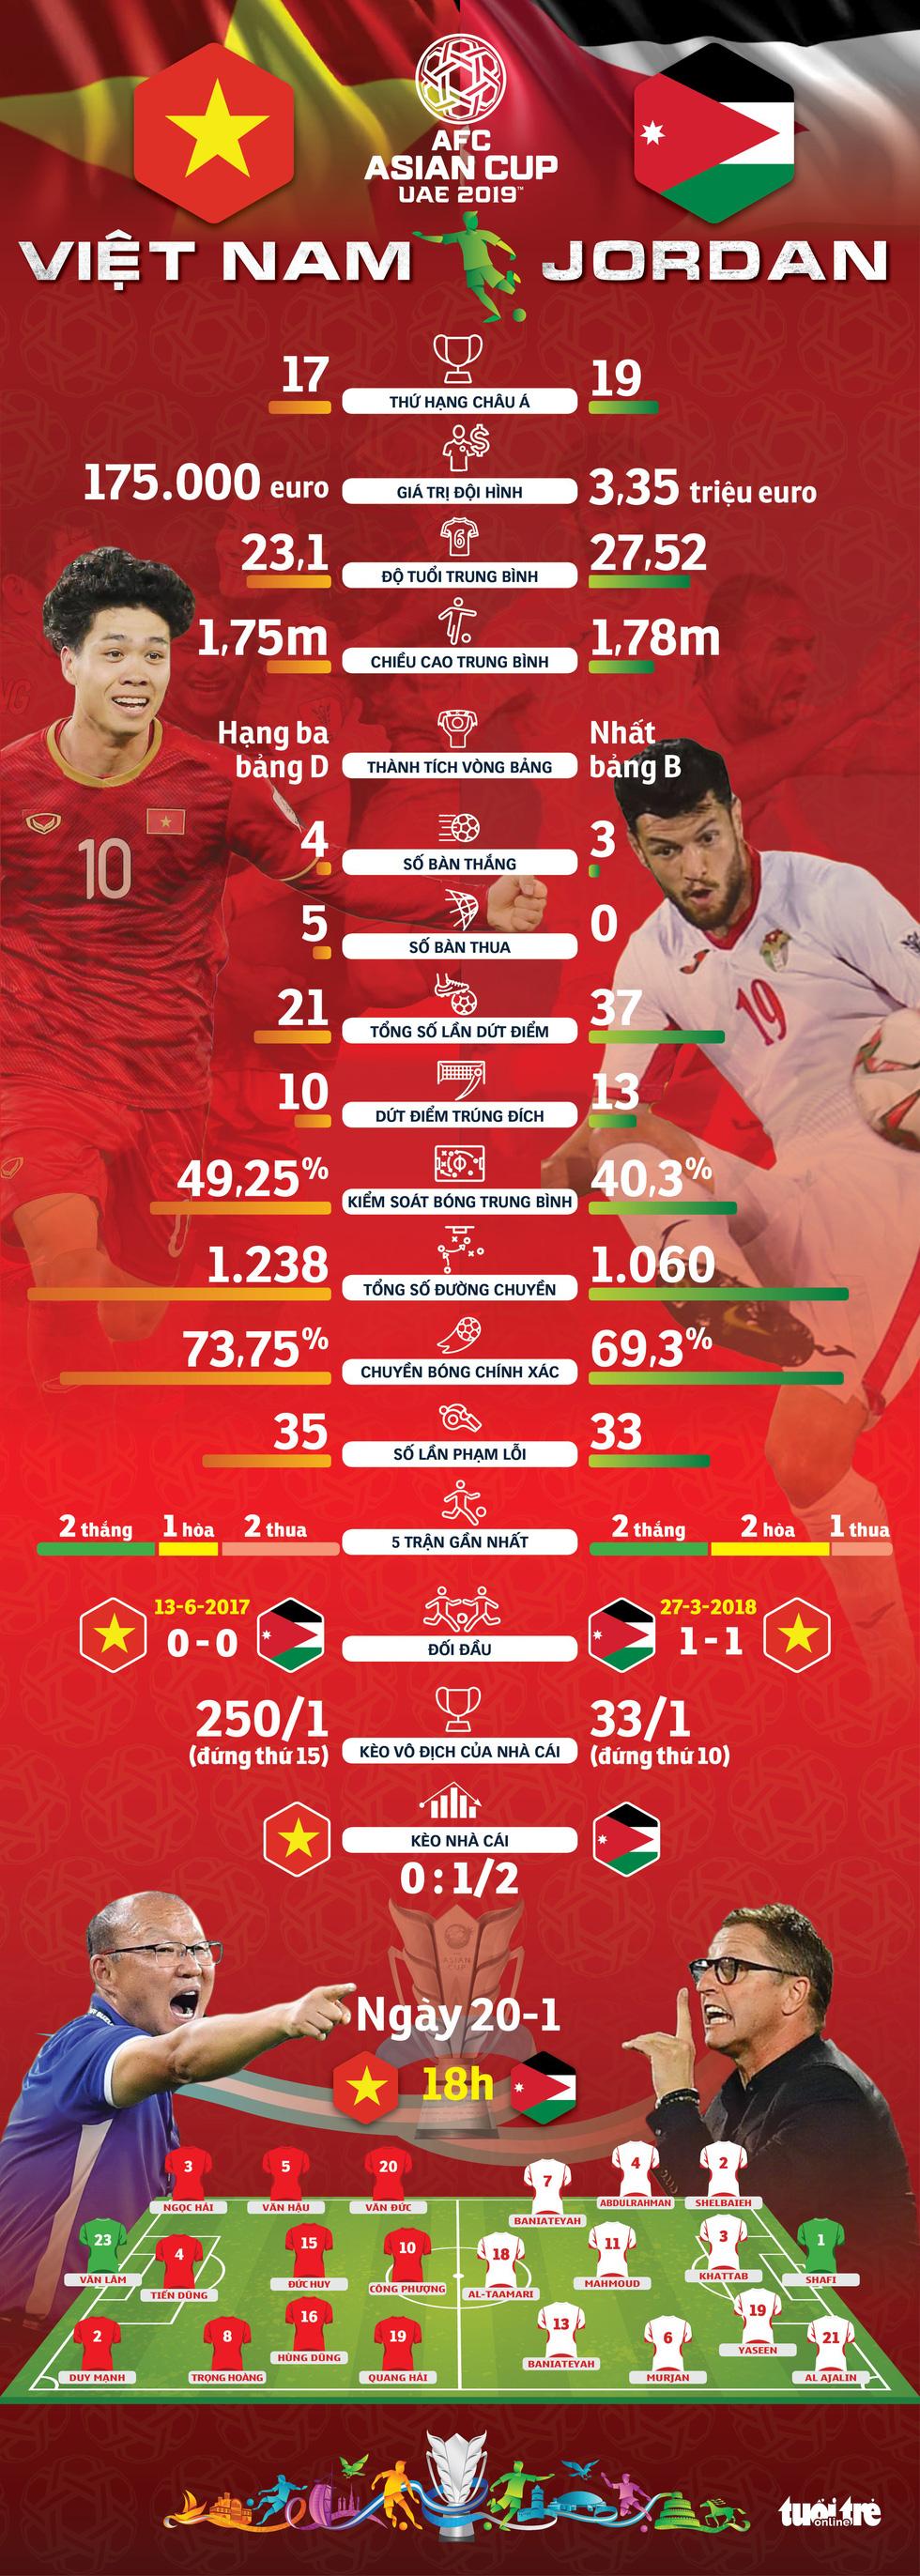 Infographic: So sánh sức mạnh Việt Nam - Jordan trước giờ G - Ảnh 1.